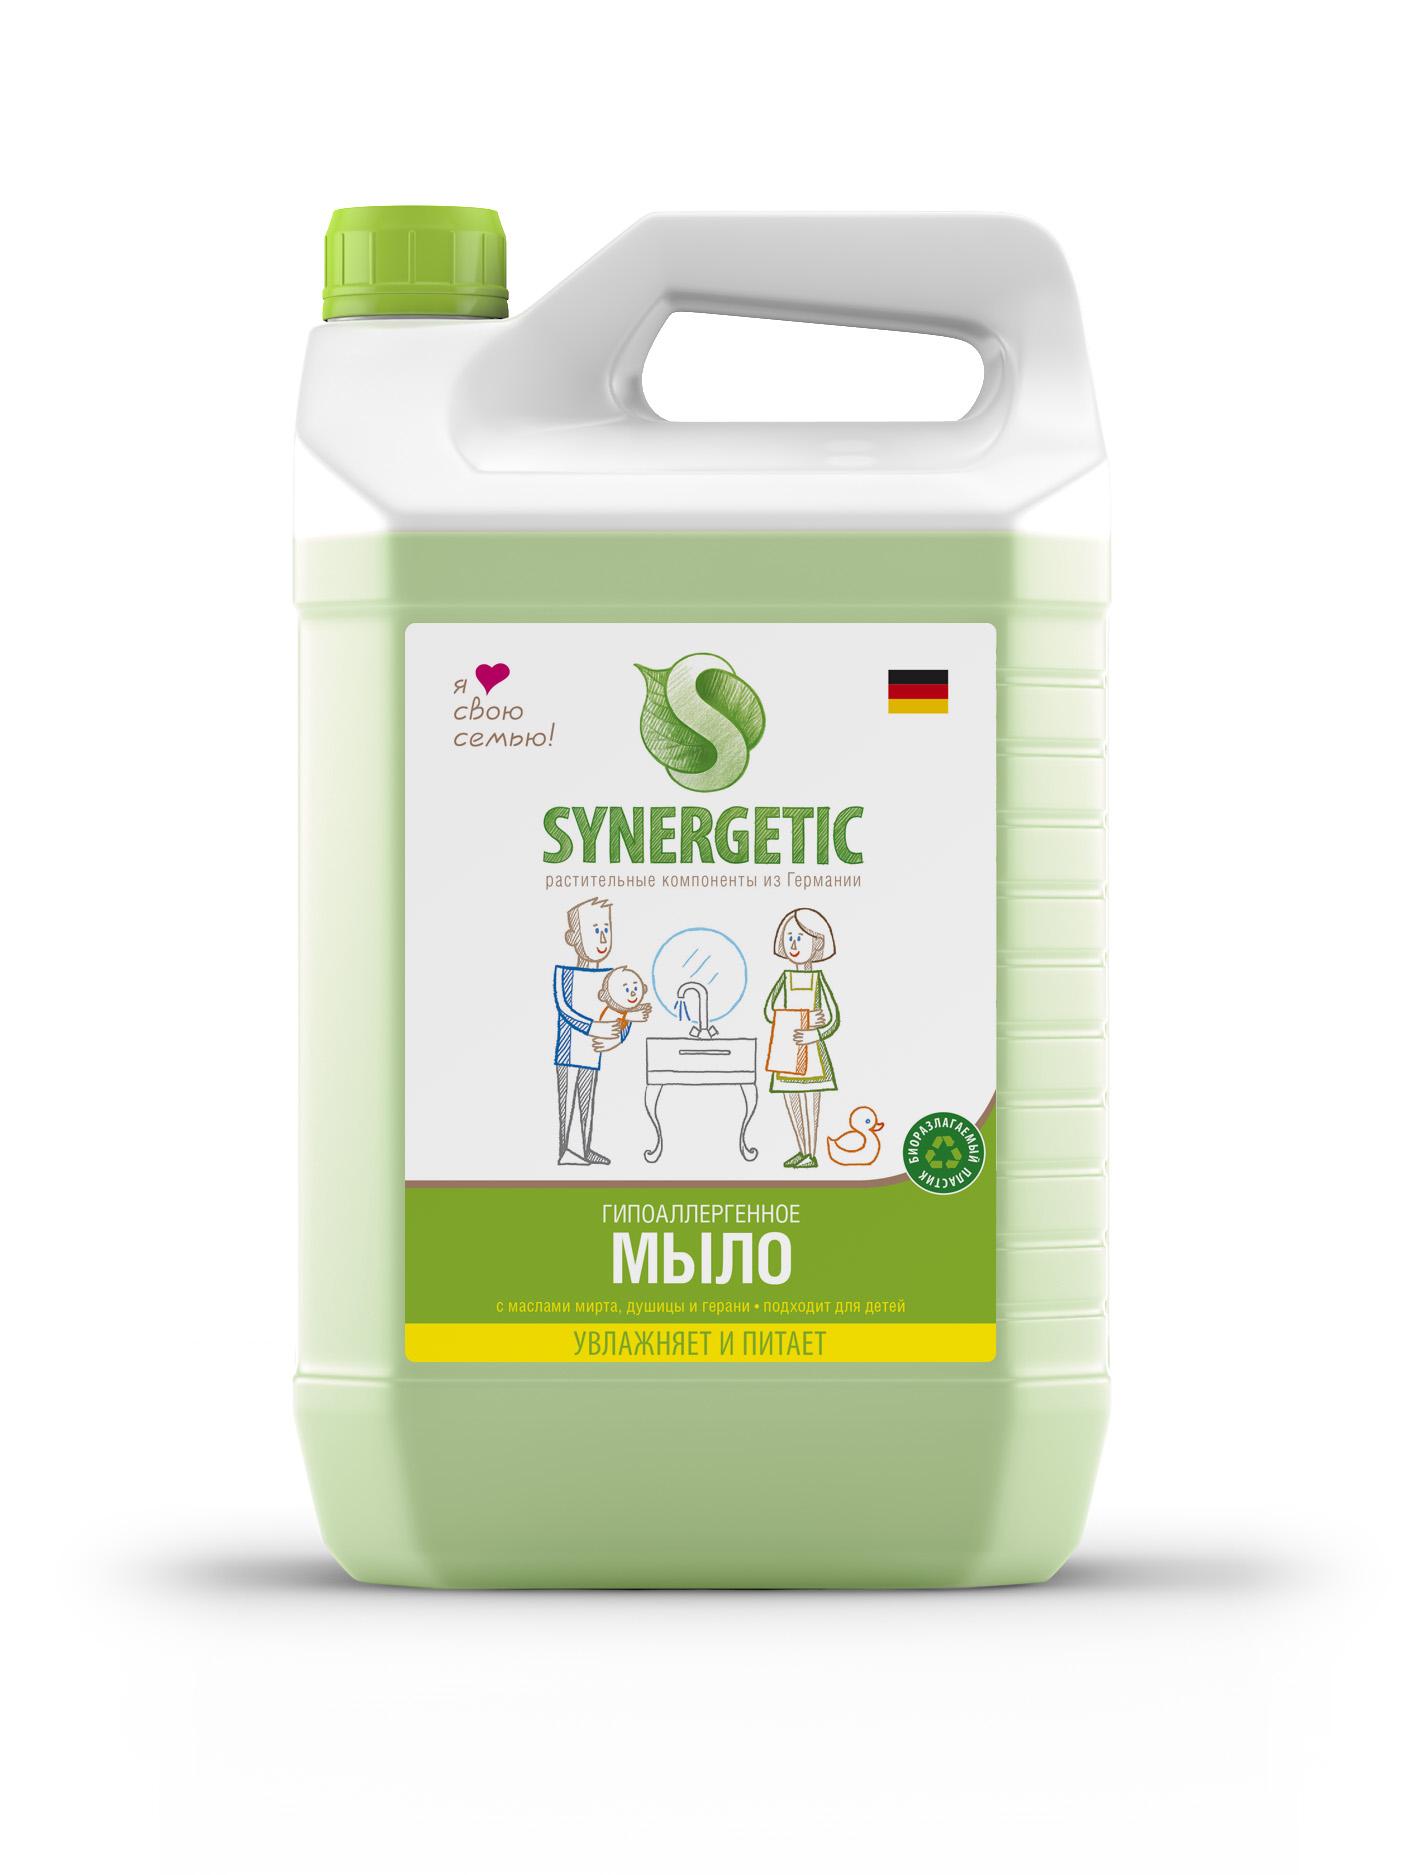 Мыло жидкое Synergetic, для рук, 5 лSNG-105500Концентрированное жидкое мыло , подходит для бережного очищения кожи от любых загрязнений. Обладает приятным натуральным ароматом . Особая формула Интенсивно питает и защищает вашу кожу. За счет полностью натурального состава обладает 100% смываемостью , безопасно для детей и животных, подходит для интимной гигиены. Эффективно устраняет запахи и загрязнения даже в холодной воде.